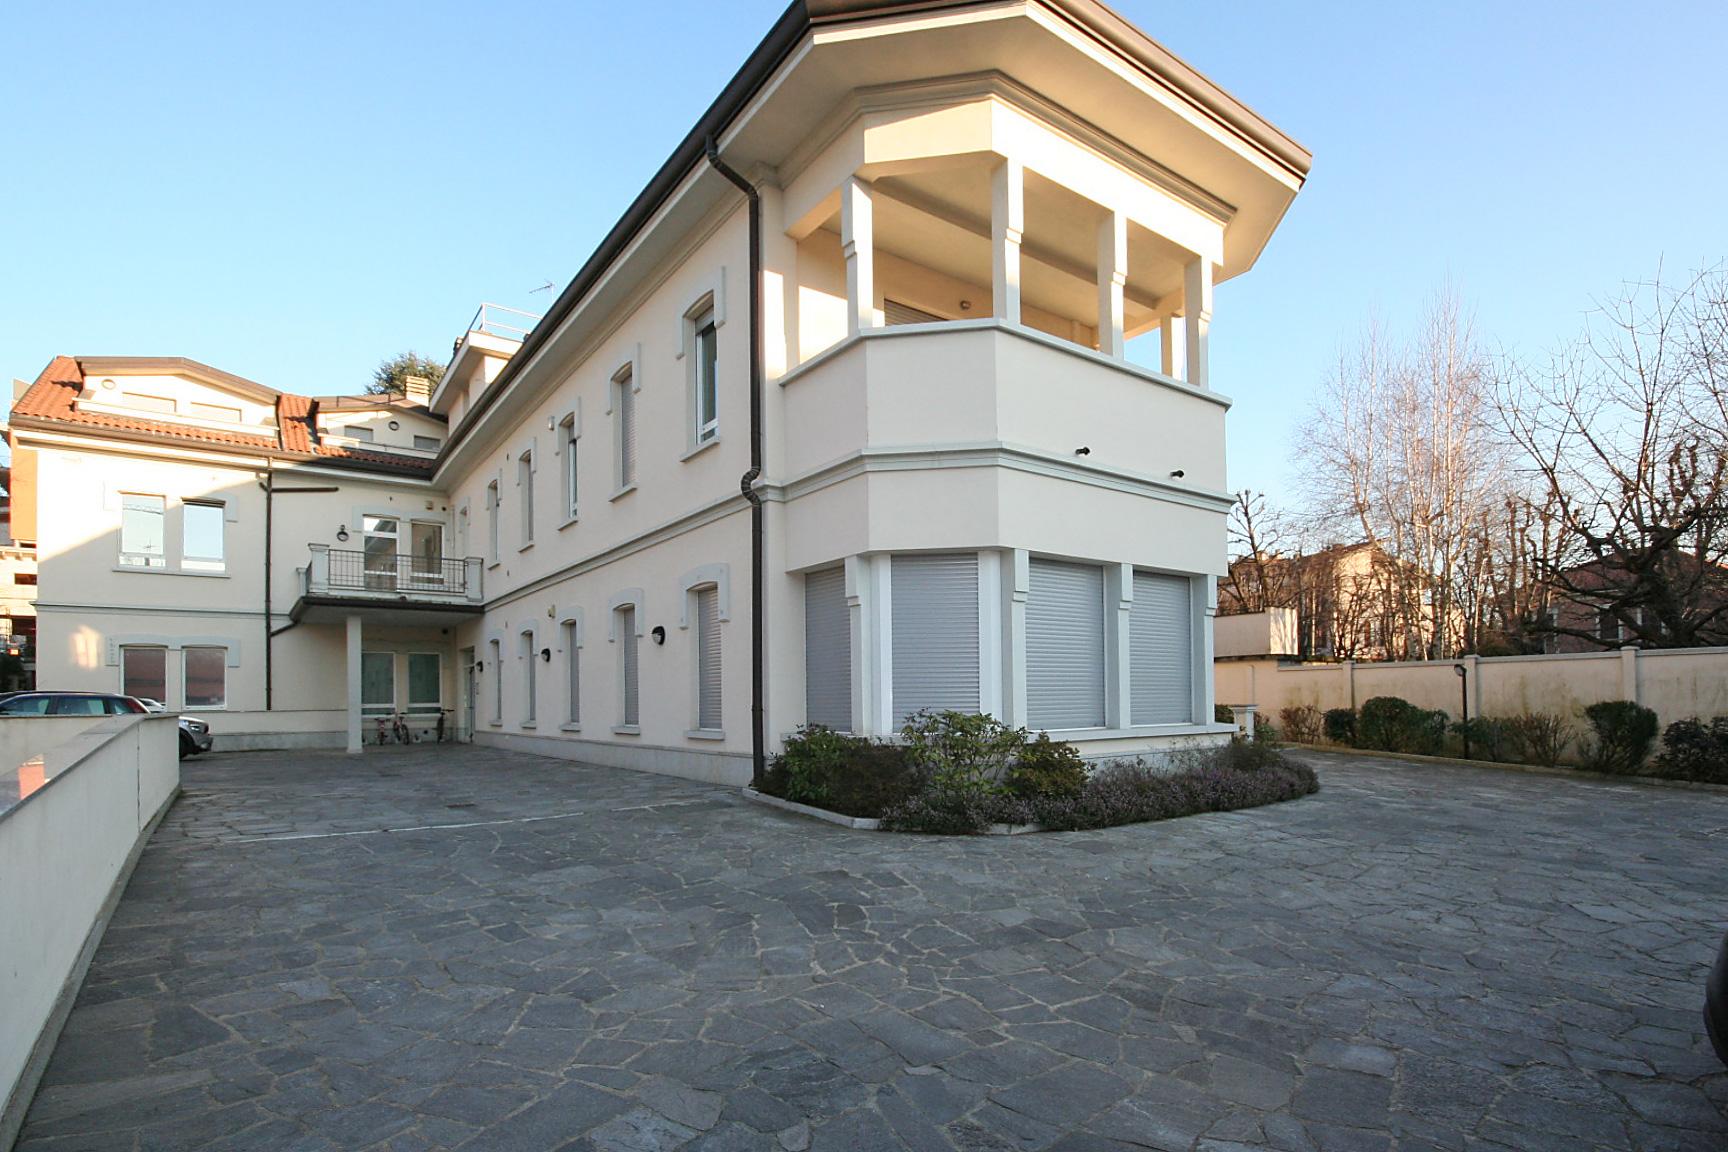 Saronno centro ufficio agenzia immobiliare saronno sigis for Centro ufficio